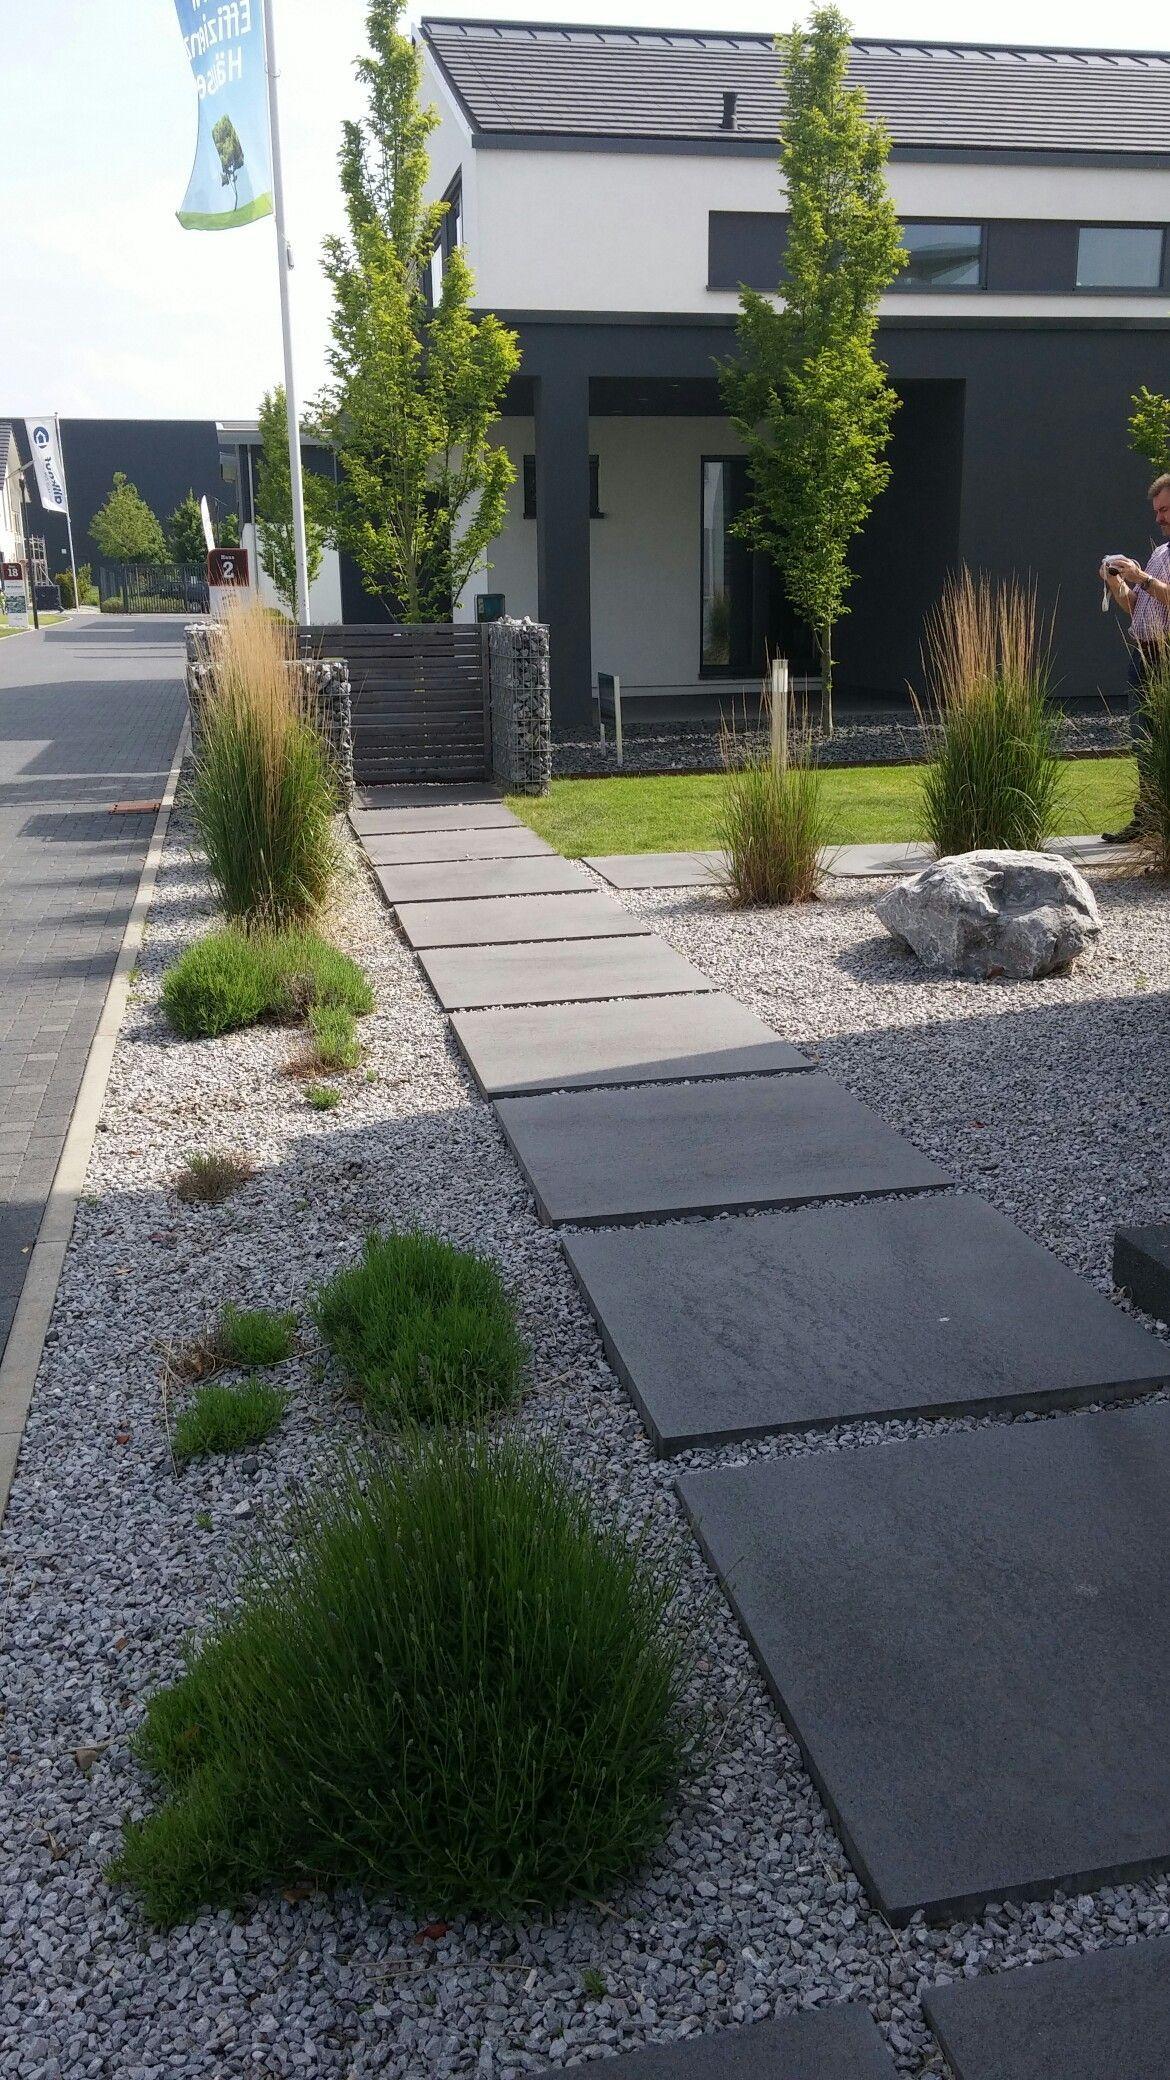 Pin von Elke Sydow auf gartenideen | Jardins, Amenagement jardin und ...